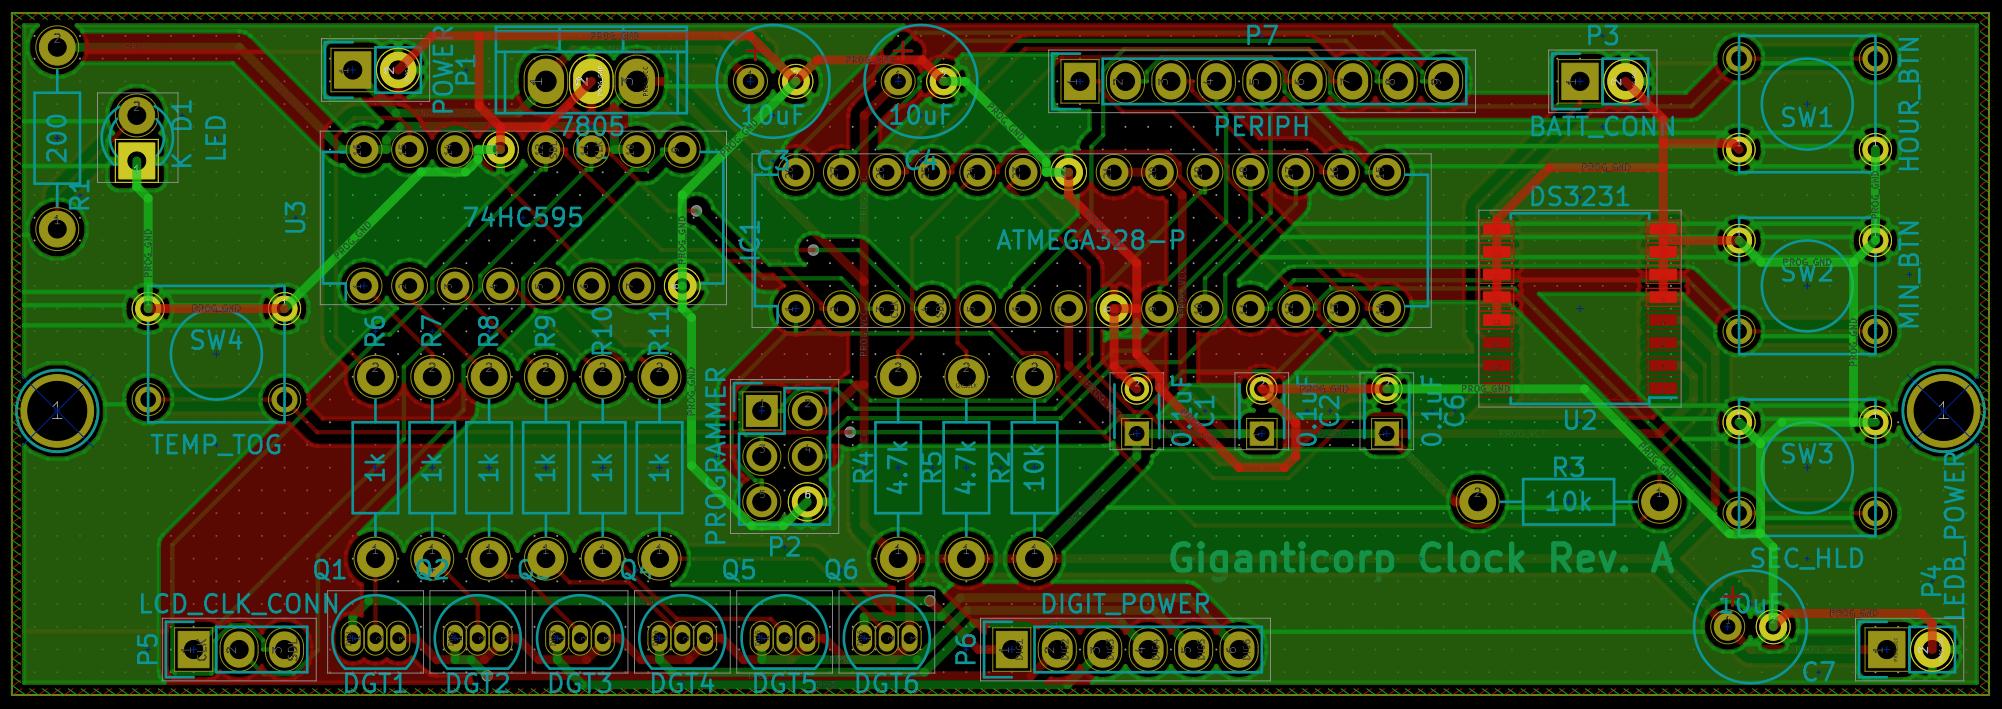 Clock Board PCB